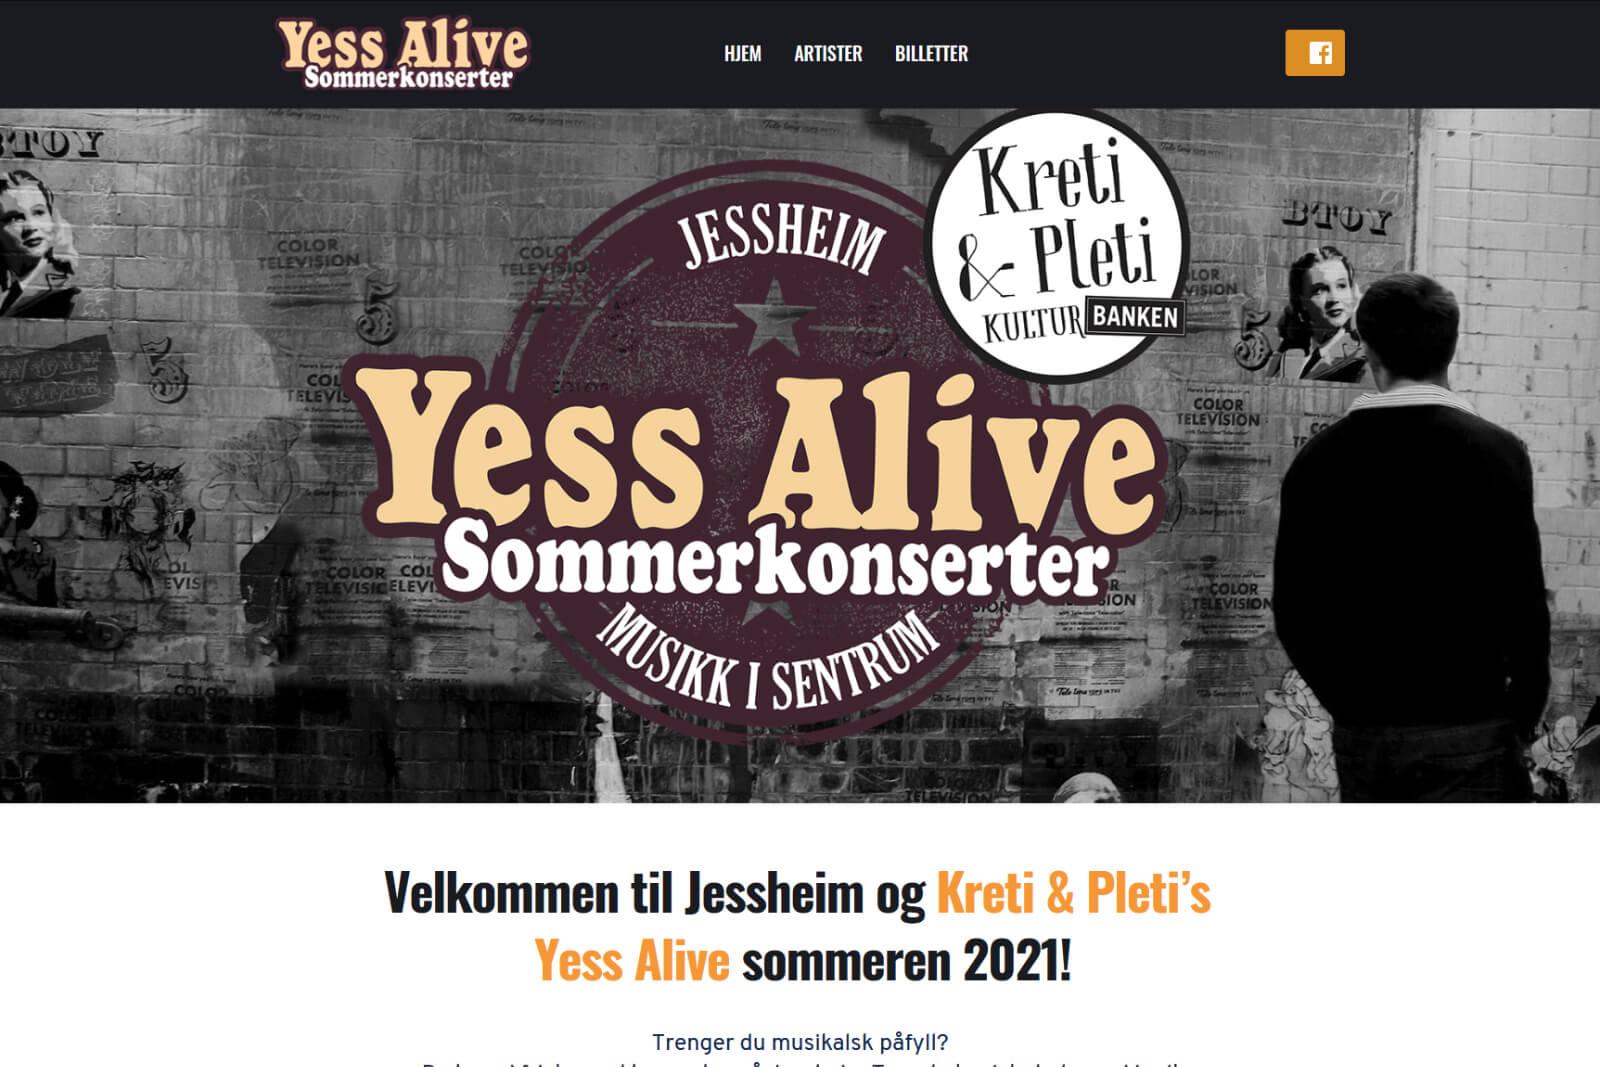 Yess Alive Sommerkonserter